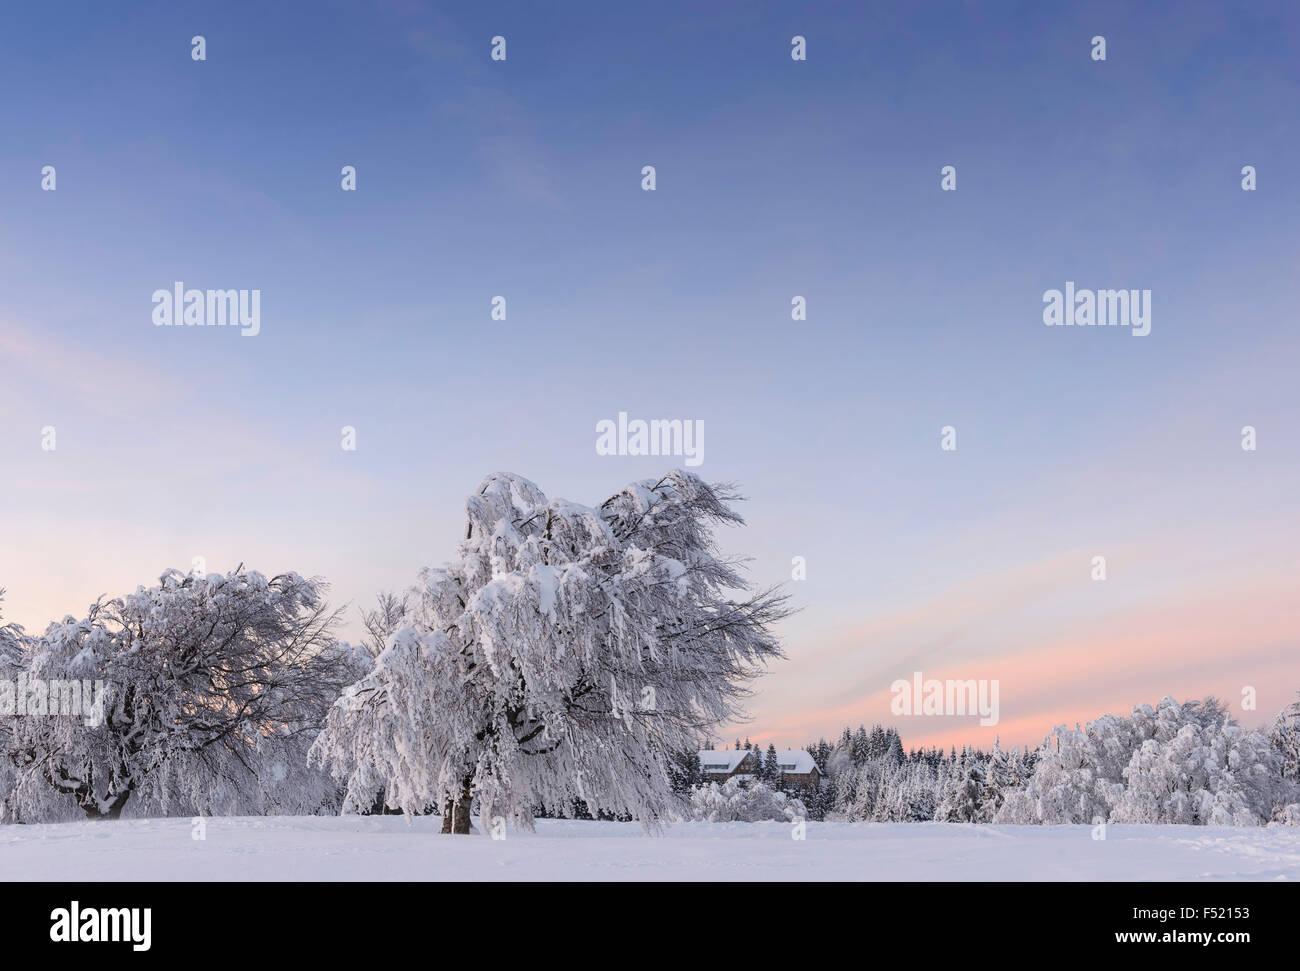 Deutschland, Baden-Württemberg, Schwarzwald, Schauinsland, Schneebedeckte Bäume bei Sonnenuntergang, - Stock Image